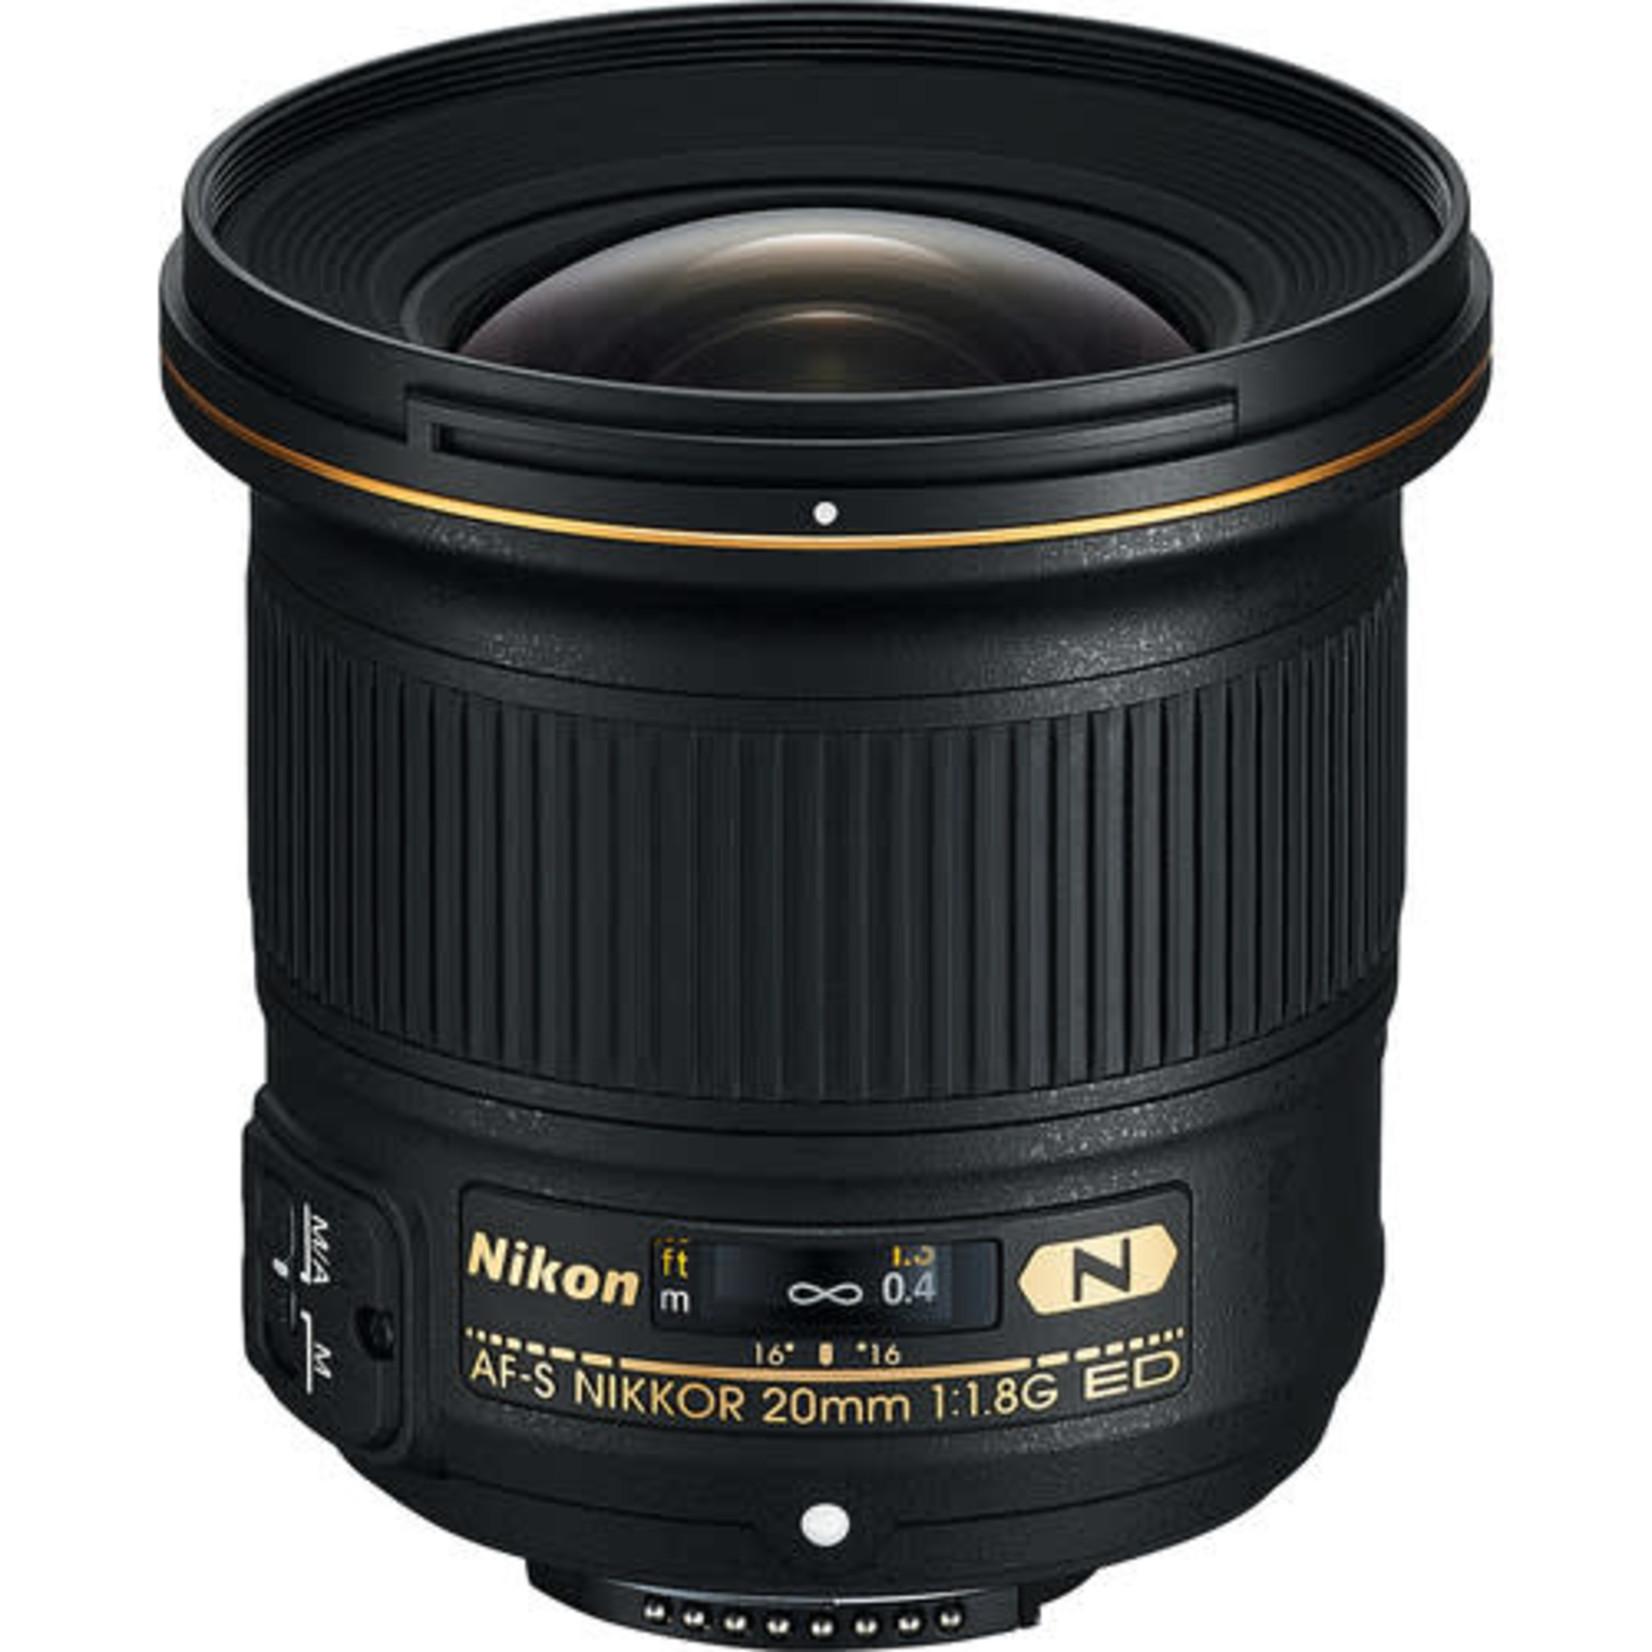 Nikon Nikon AF-S NIKKOR 20mm f/1.8G ED Lens